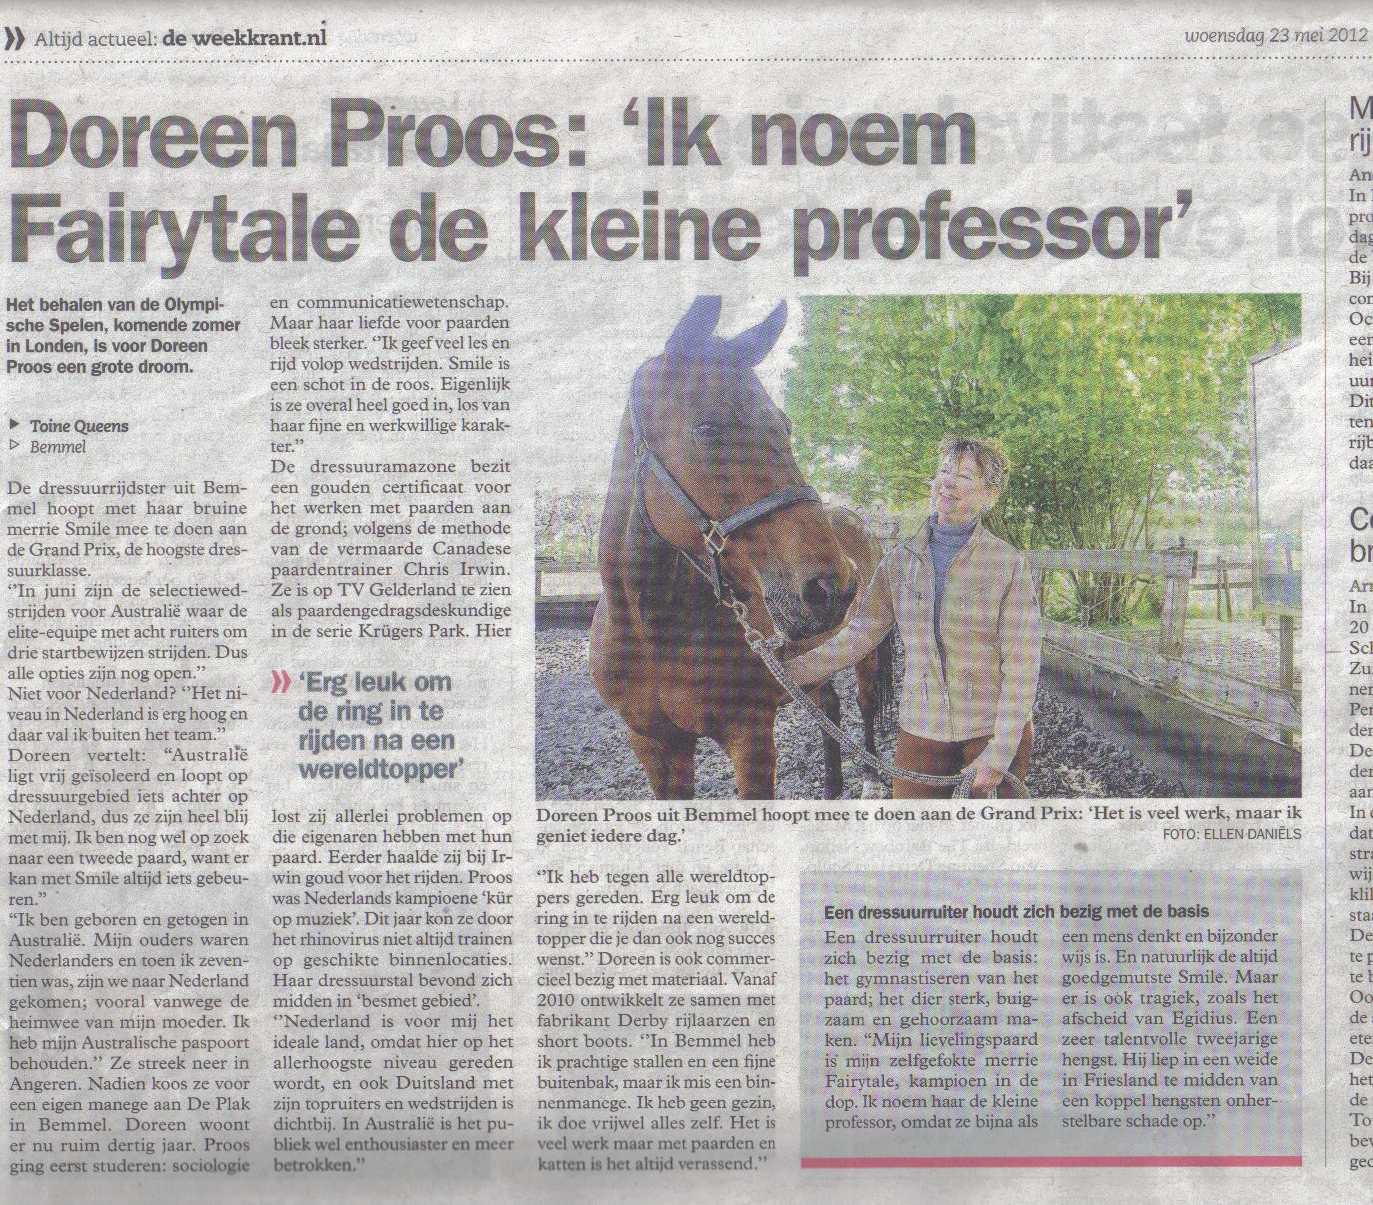 Ik noem Fairytale de kleine professor.